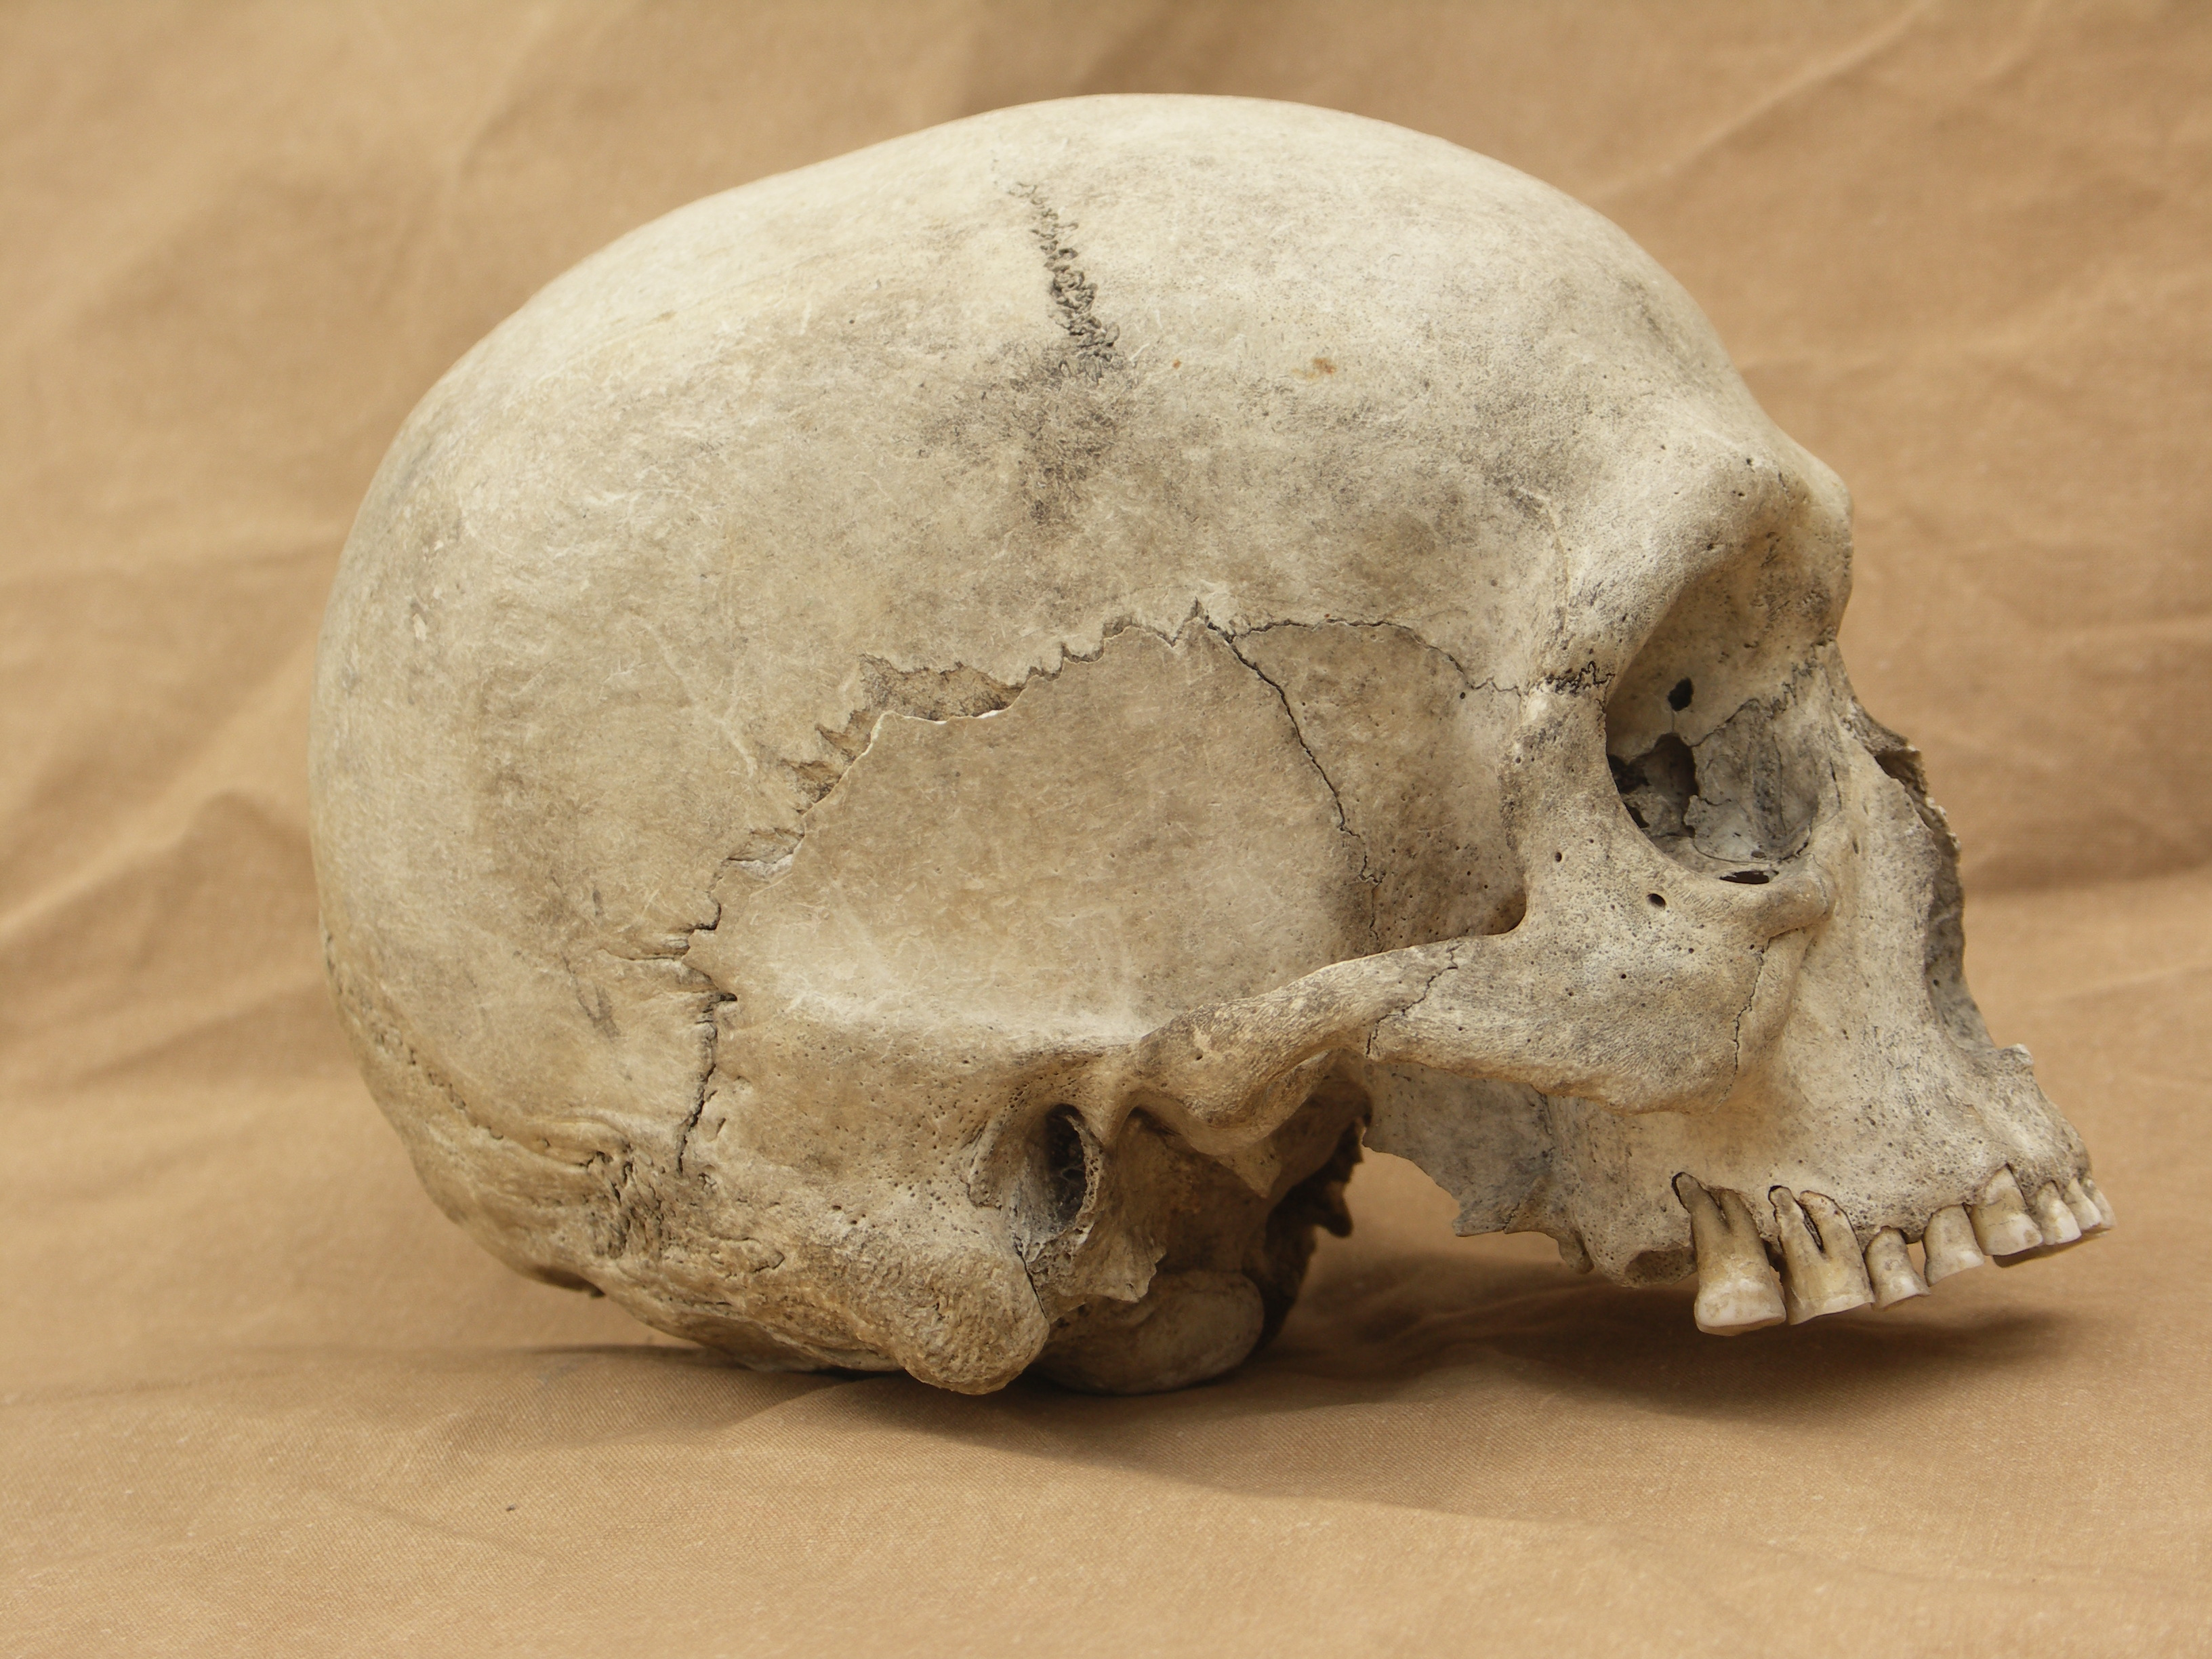 Human skull 08 jpeg by Pronus